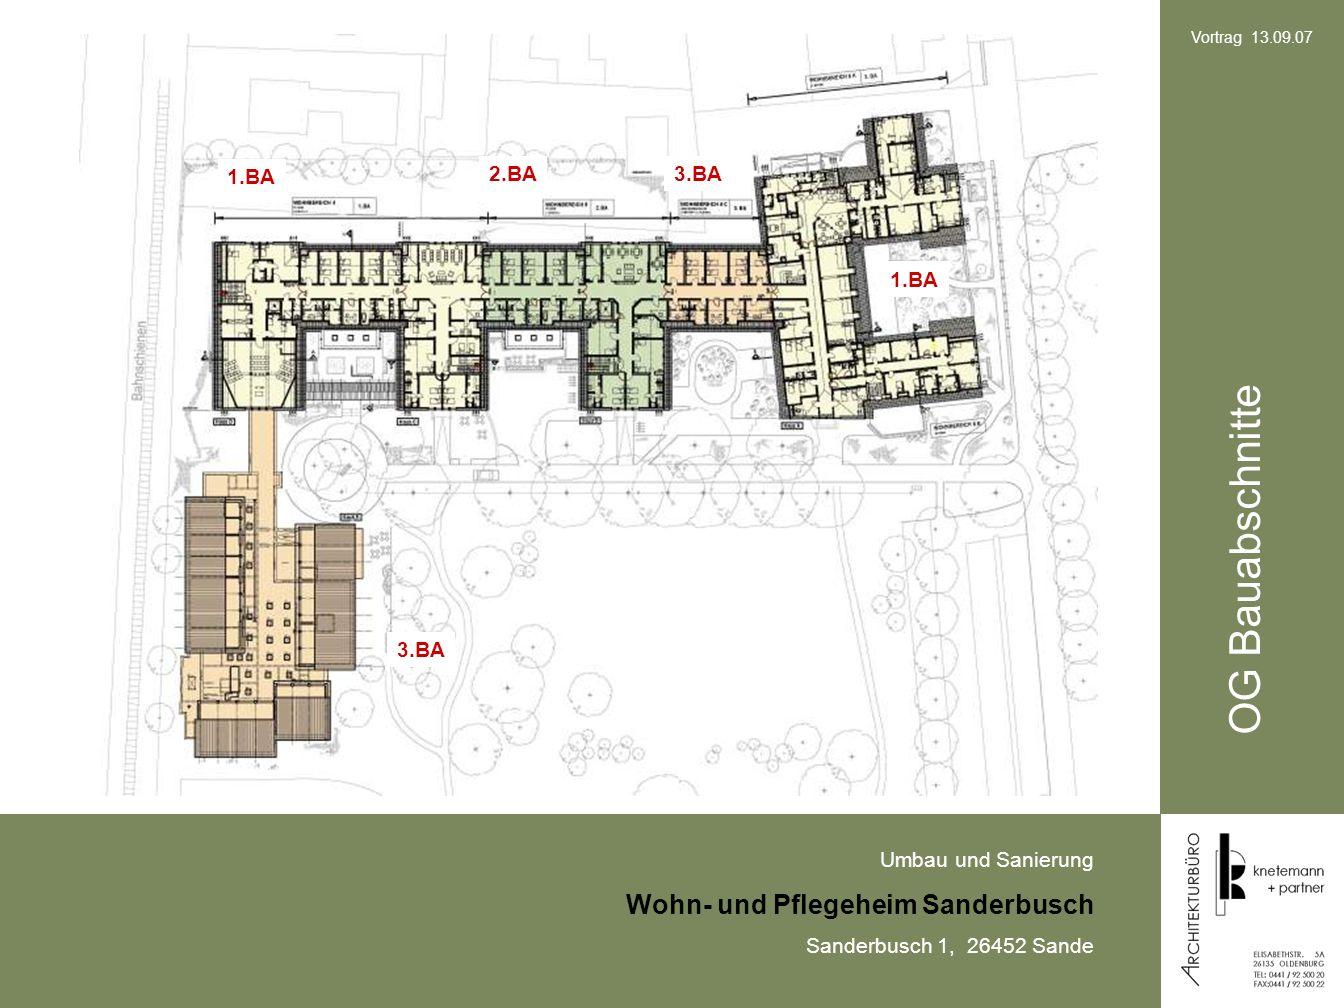 Umbau und Sanierung Wohn- und Pflegeheim Sanderbusch Sanderbusch 1, 26452 Sande Vortrag 13.09.07 OG Bauabschnitte 3.BA 2.BA 1.BA 3.BA 1.BA